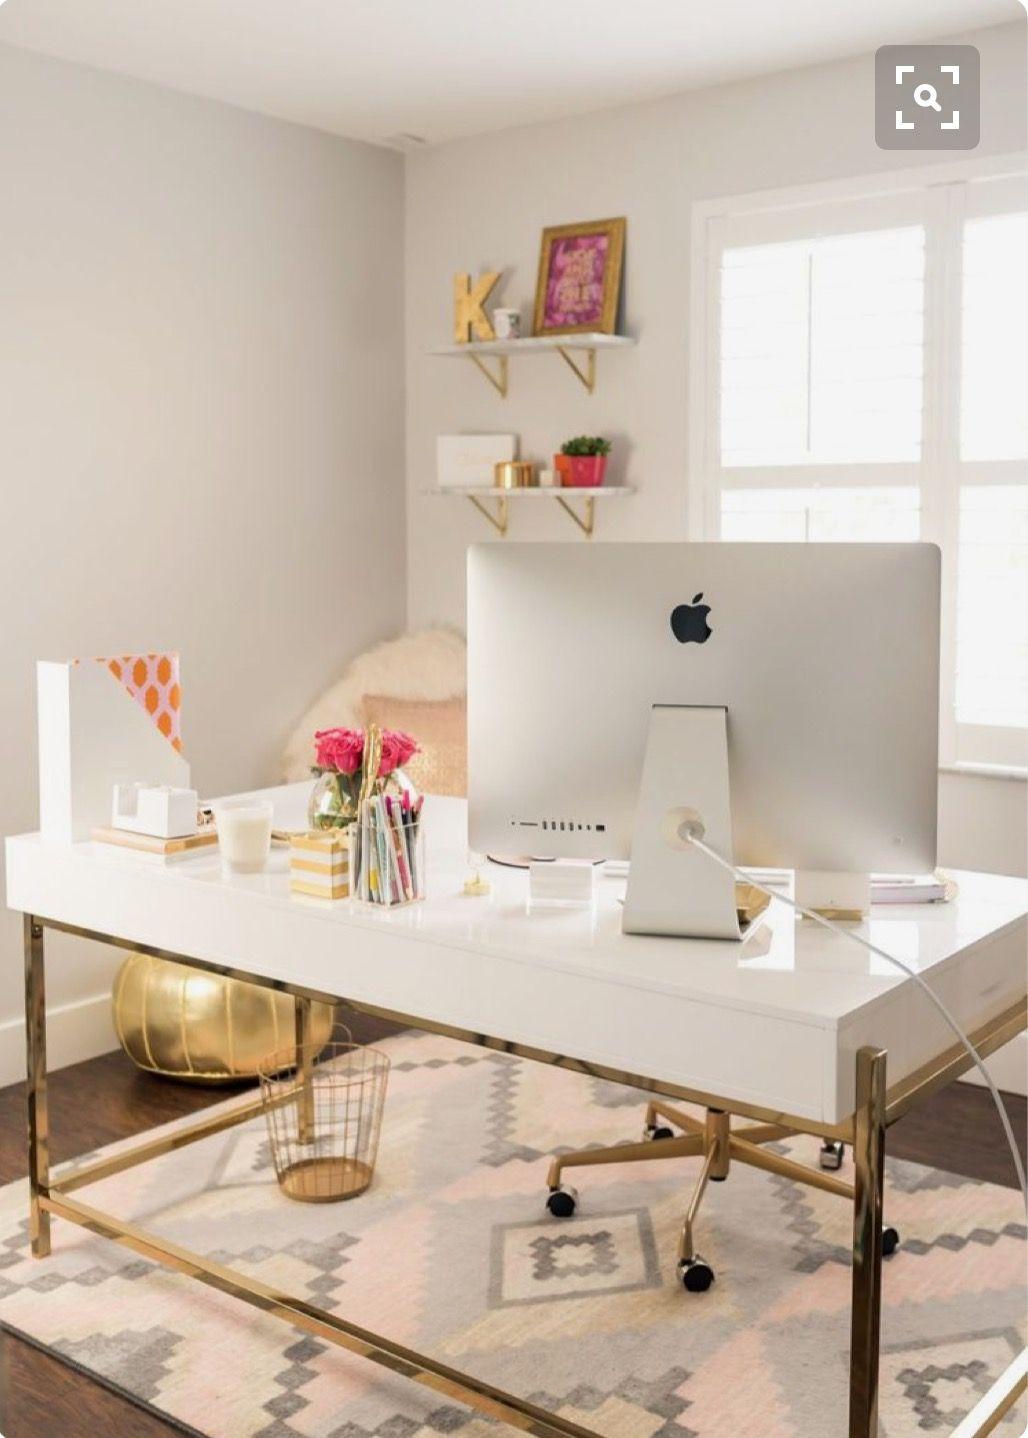 Wunderbar Coole Schreibtische Referenz Von Arbeitszimmer, Schreibtische, Schreibtisch Ecke, Grauer Pullover, Kleine